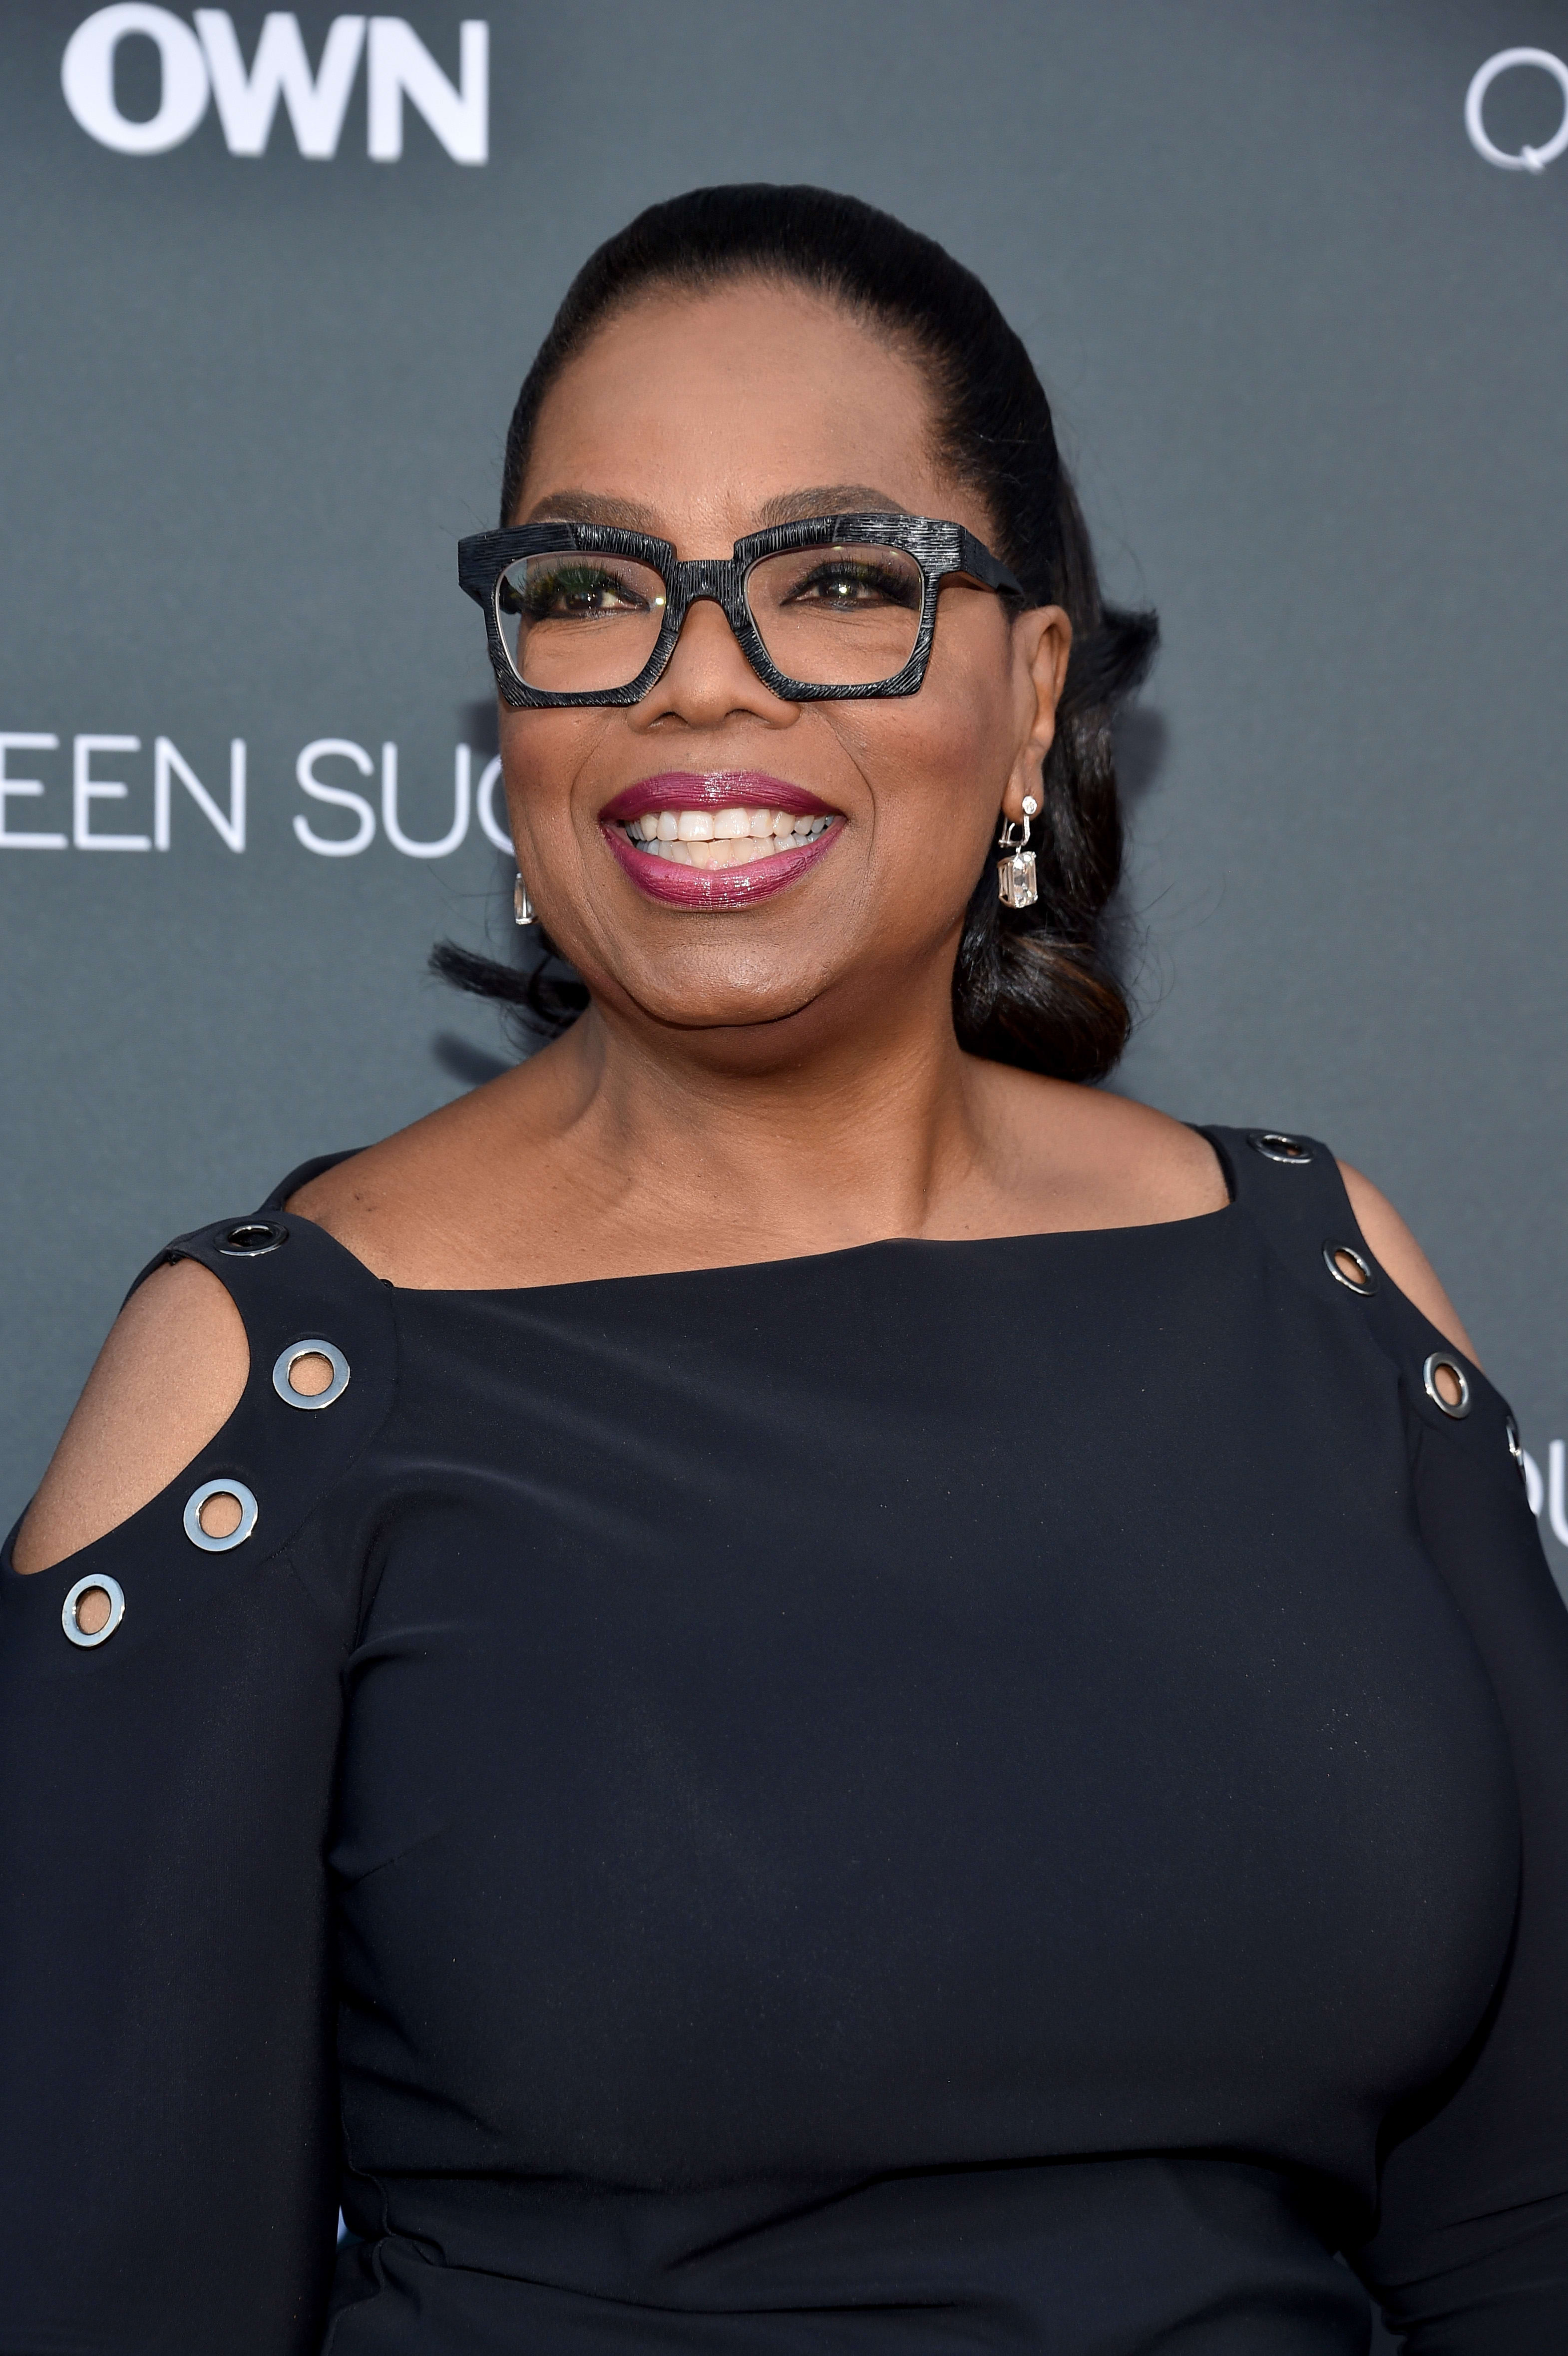 49fc9a53bf1 Oprah Winfrey 2020  Golden Globes Speech Prompts Presidential ...